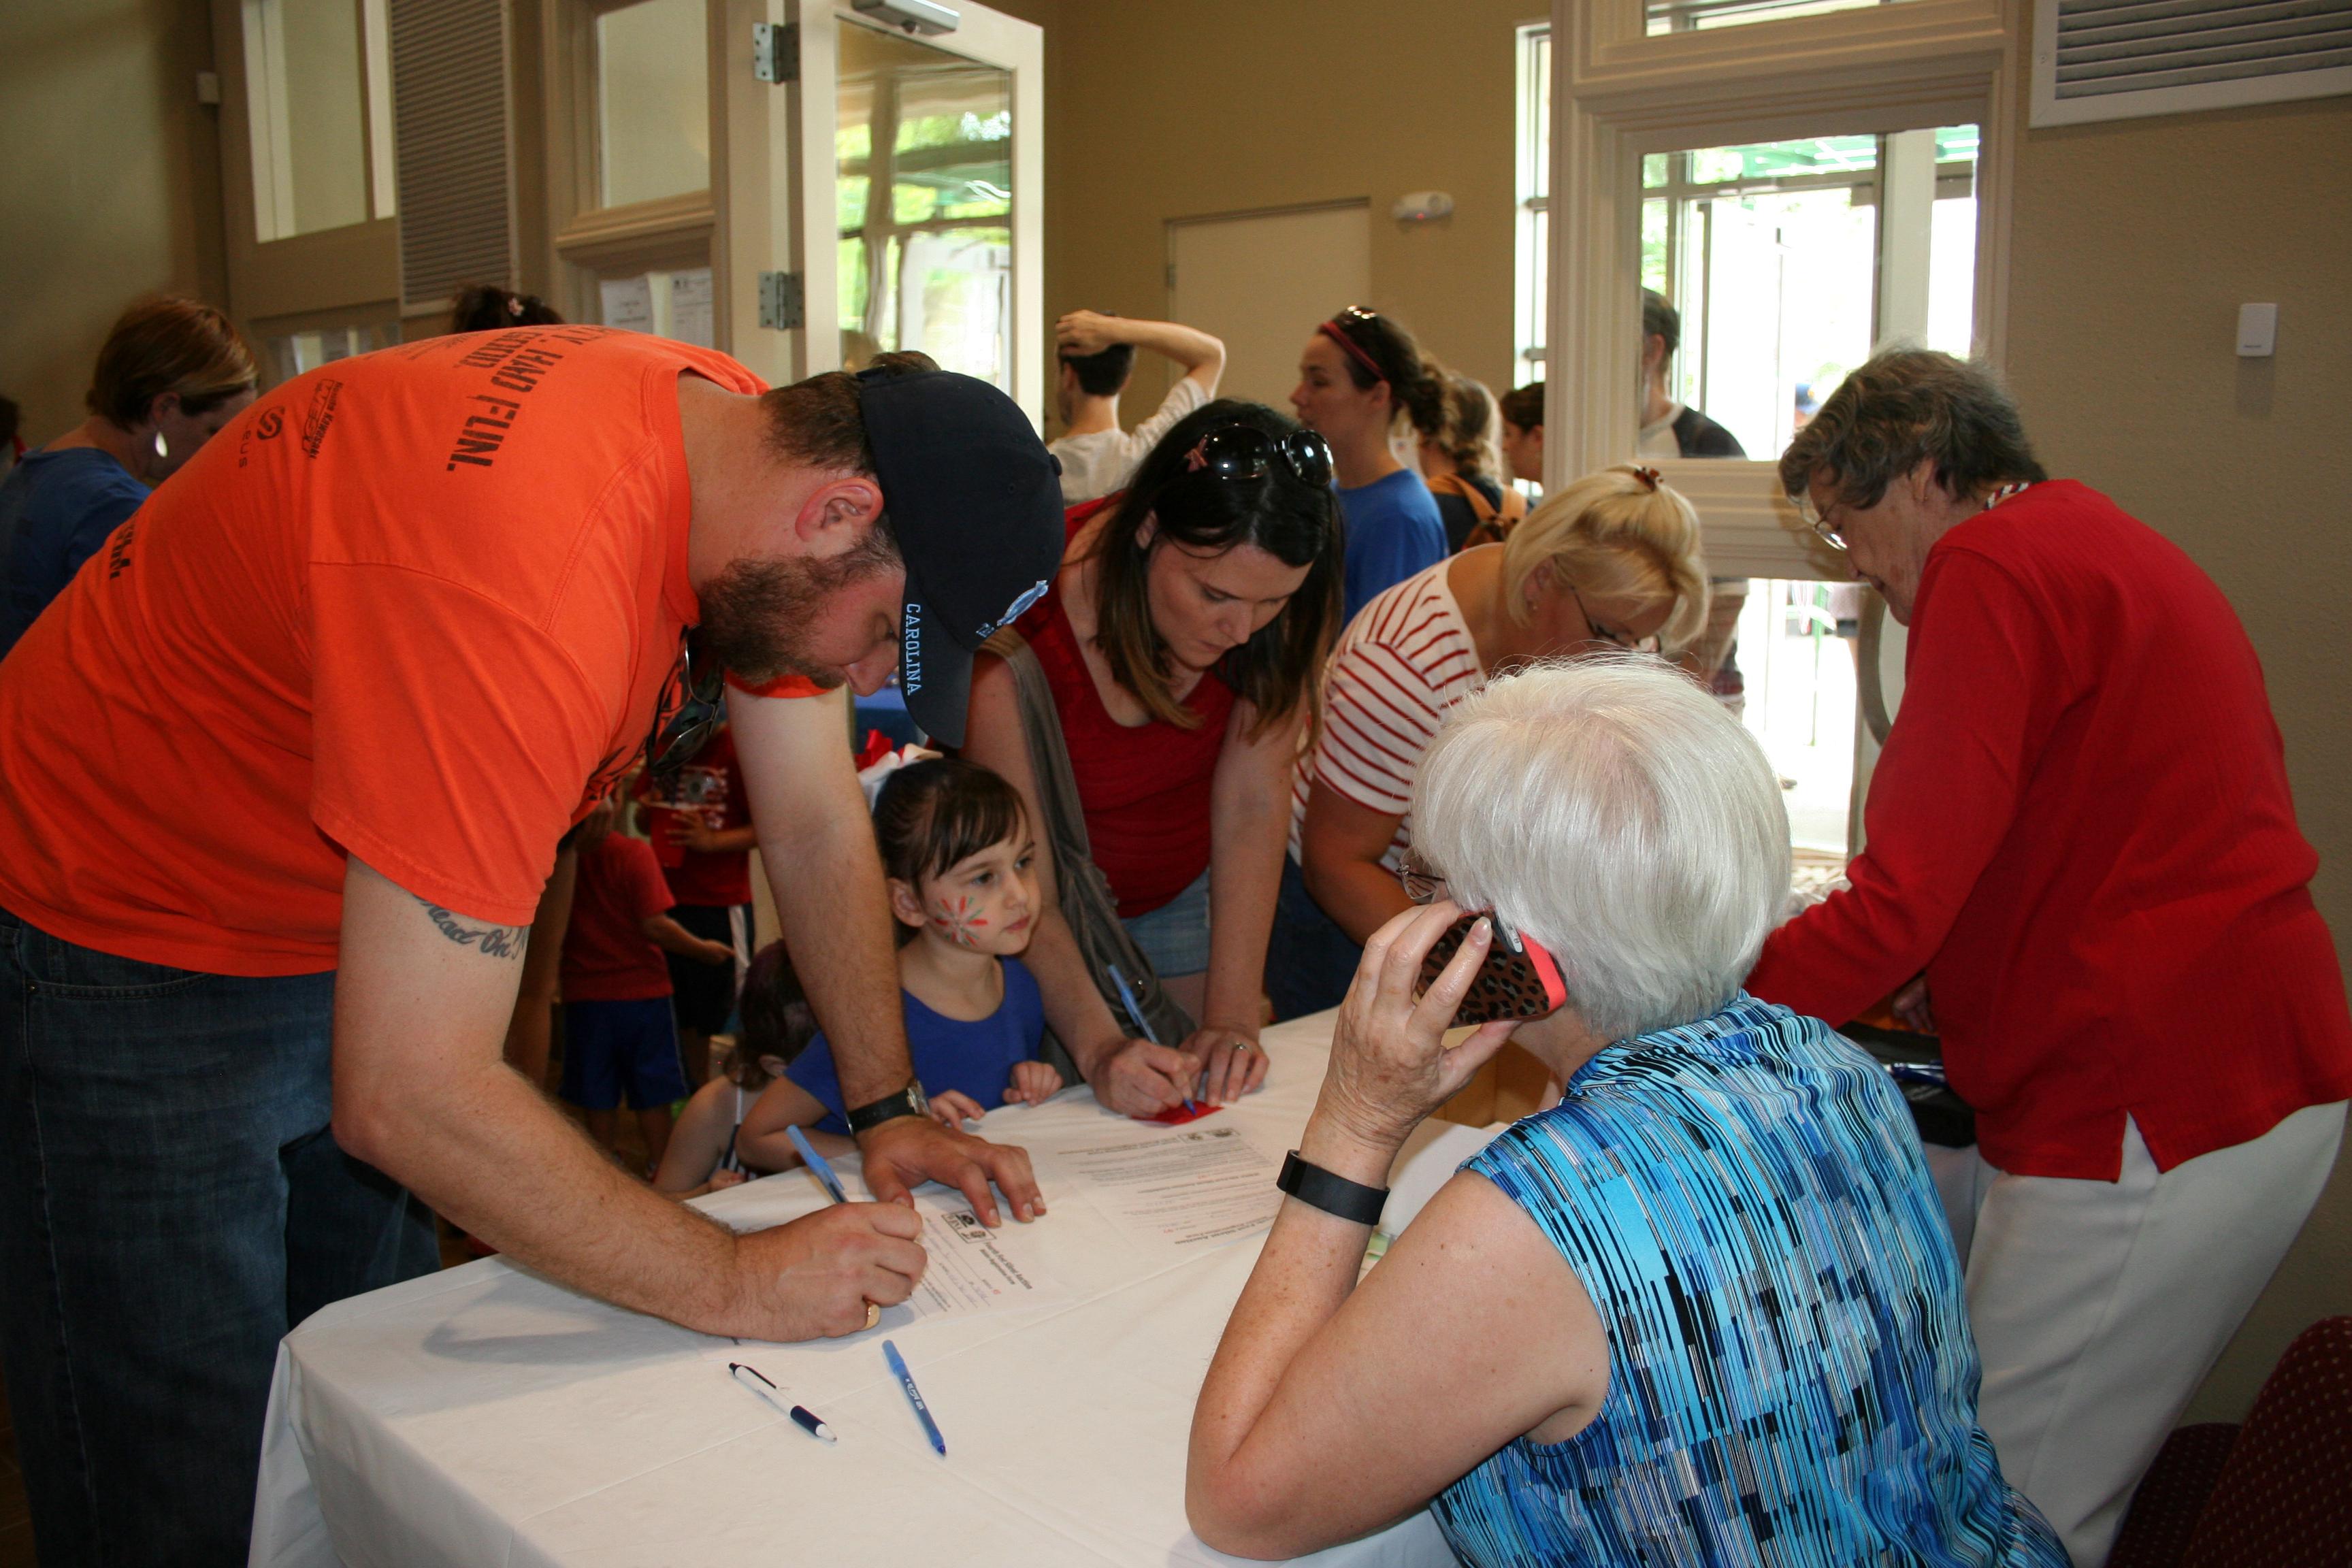 2015 silent auction wbna wells branch neighborhood association